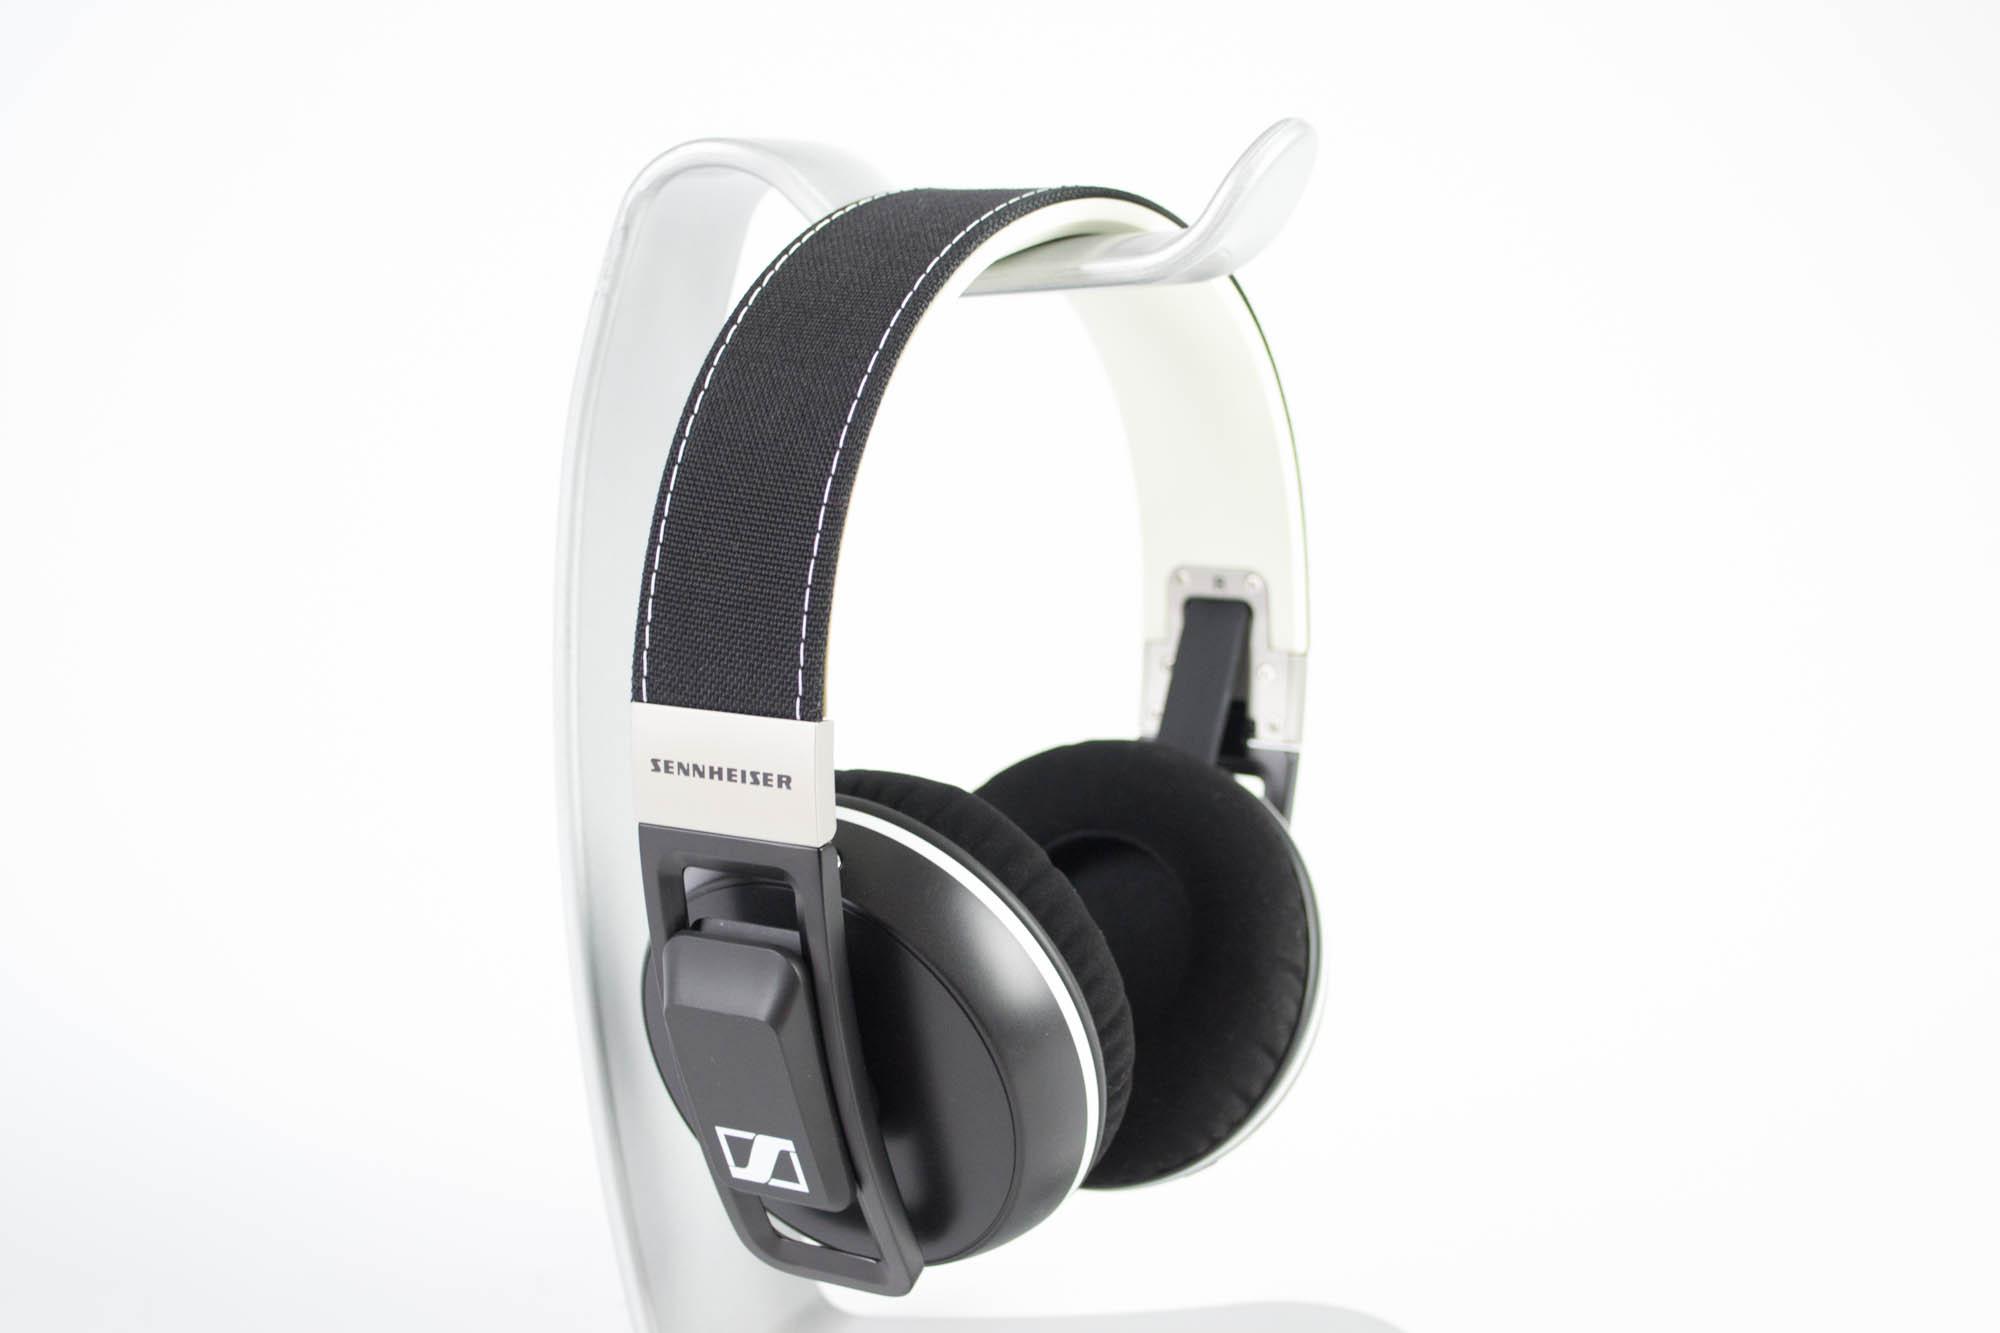 0ff0cef4e05 Sennheiser Urbanite Xl Wireless Over Ear Headphones Black Review ...